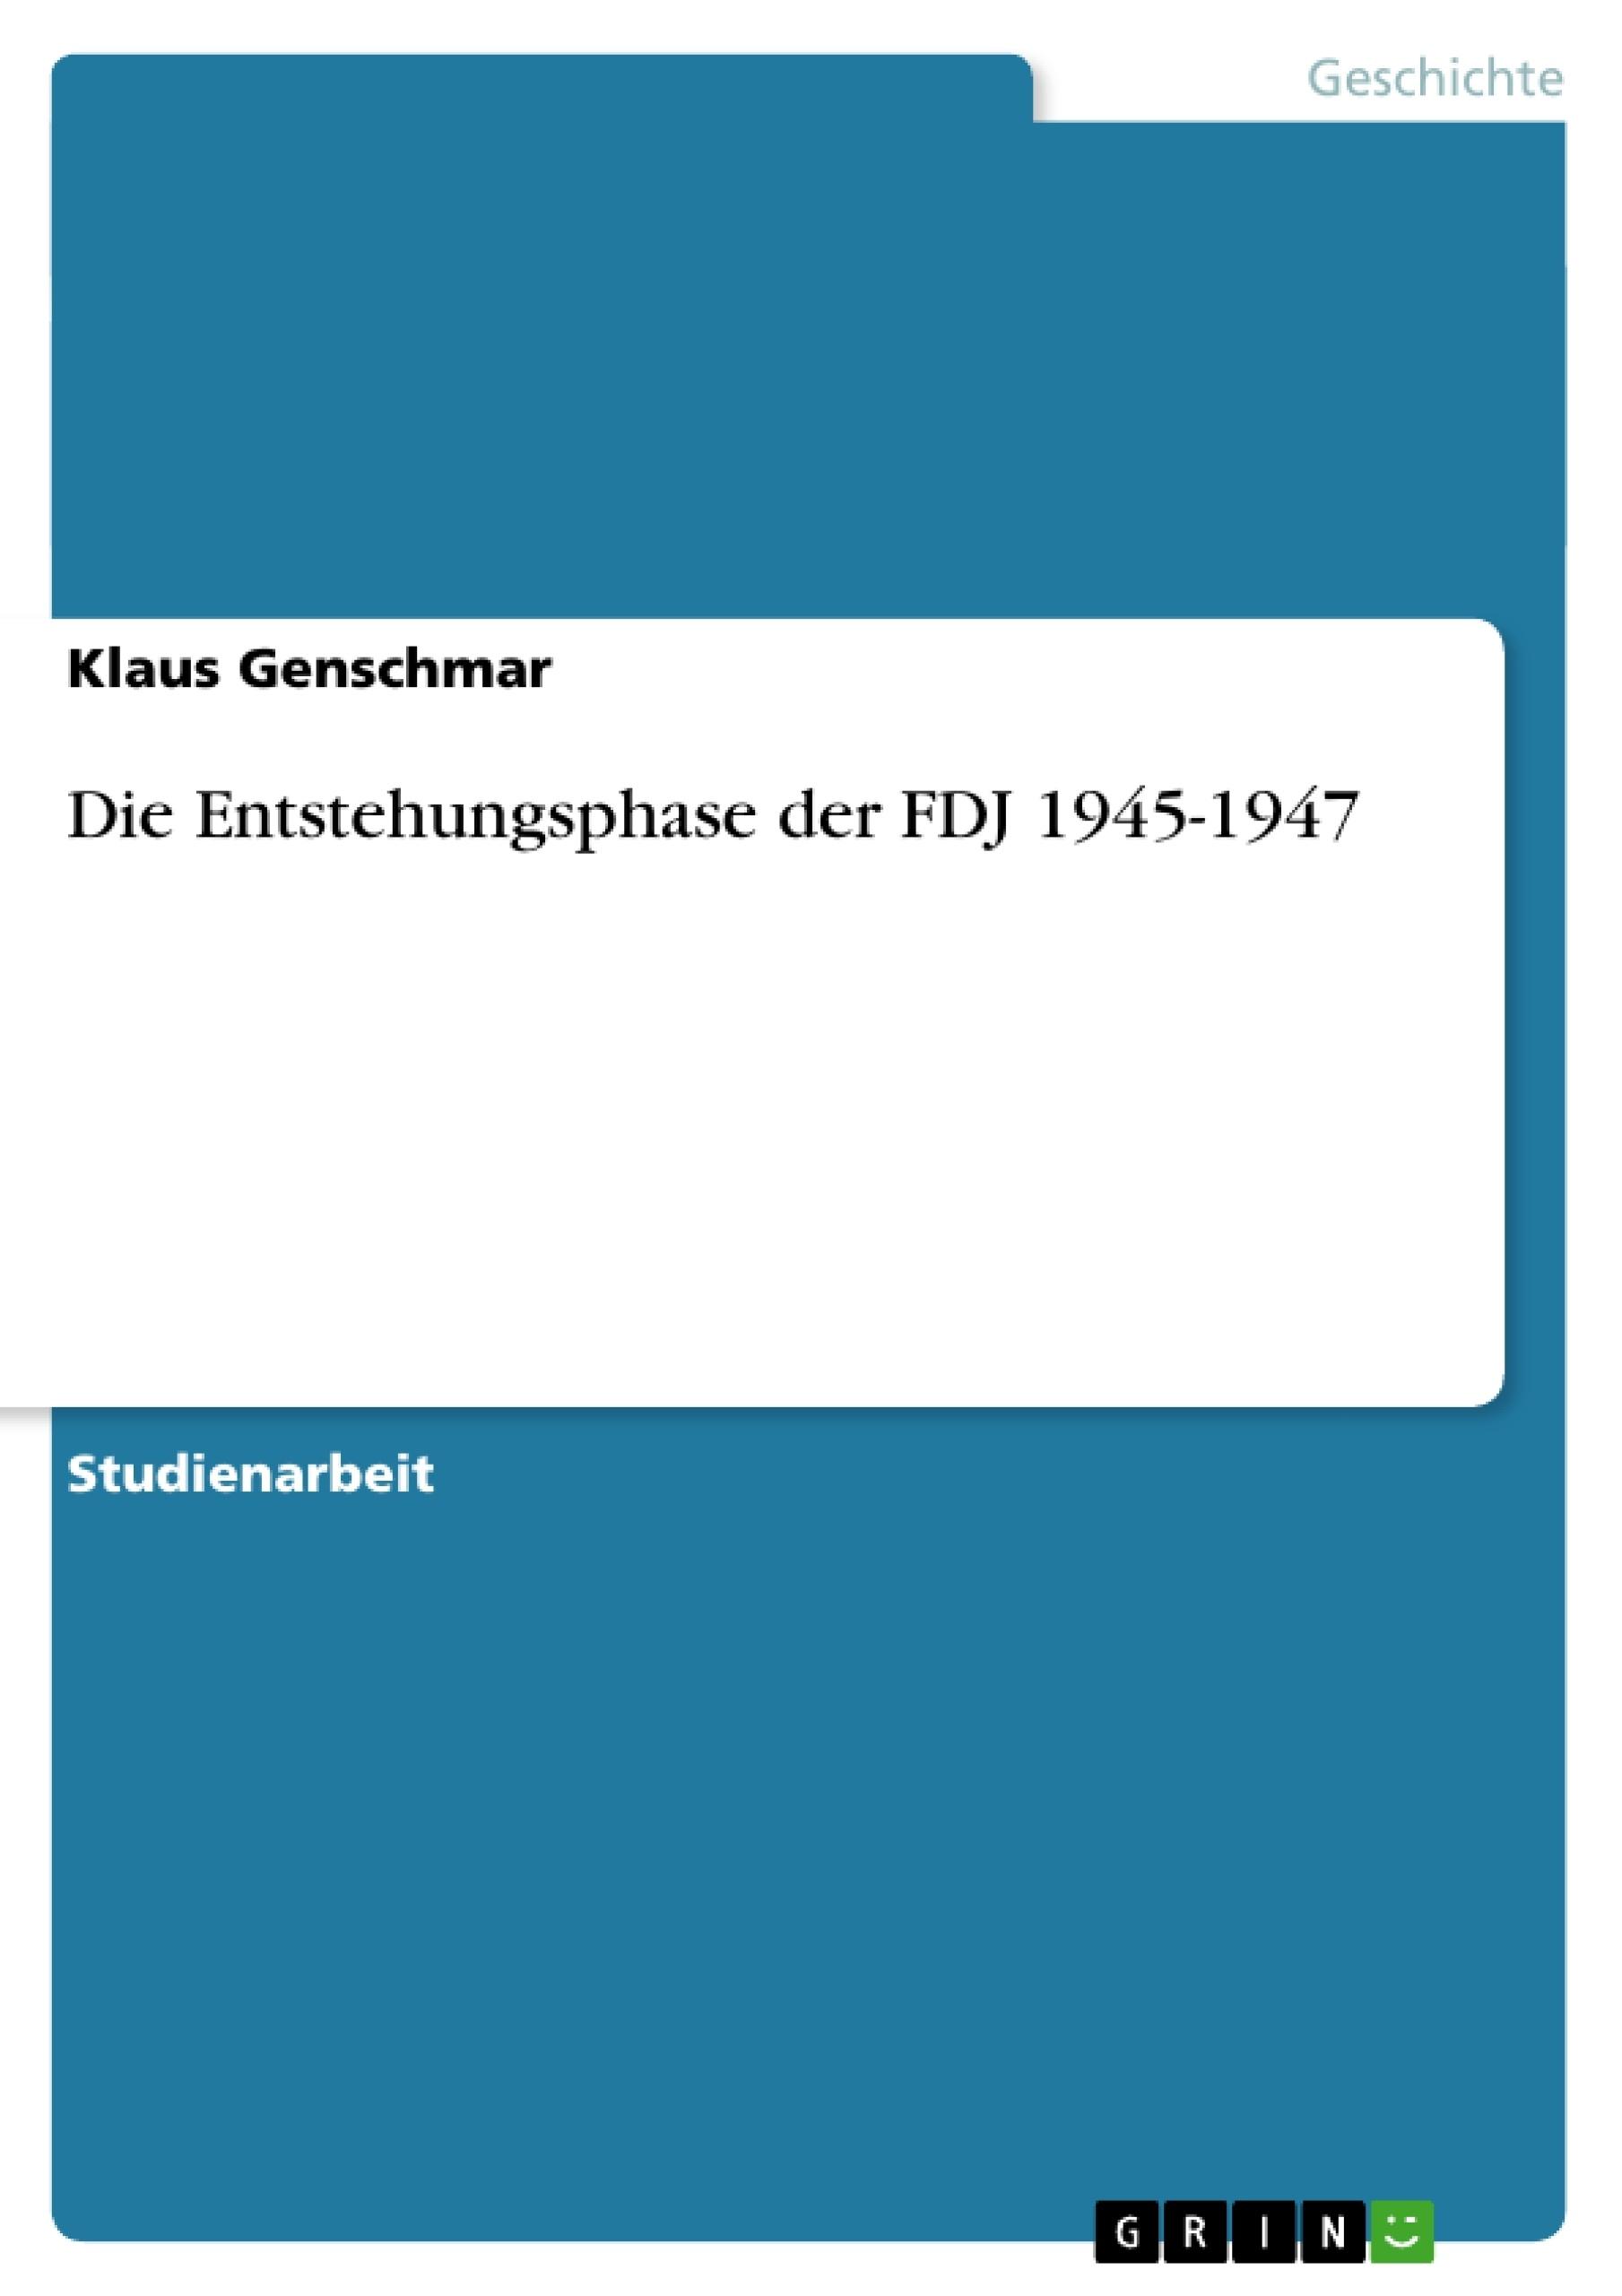 Titel: Die Entstehungsphase der FDJ 1945-1947